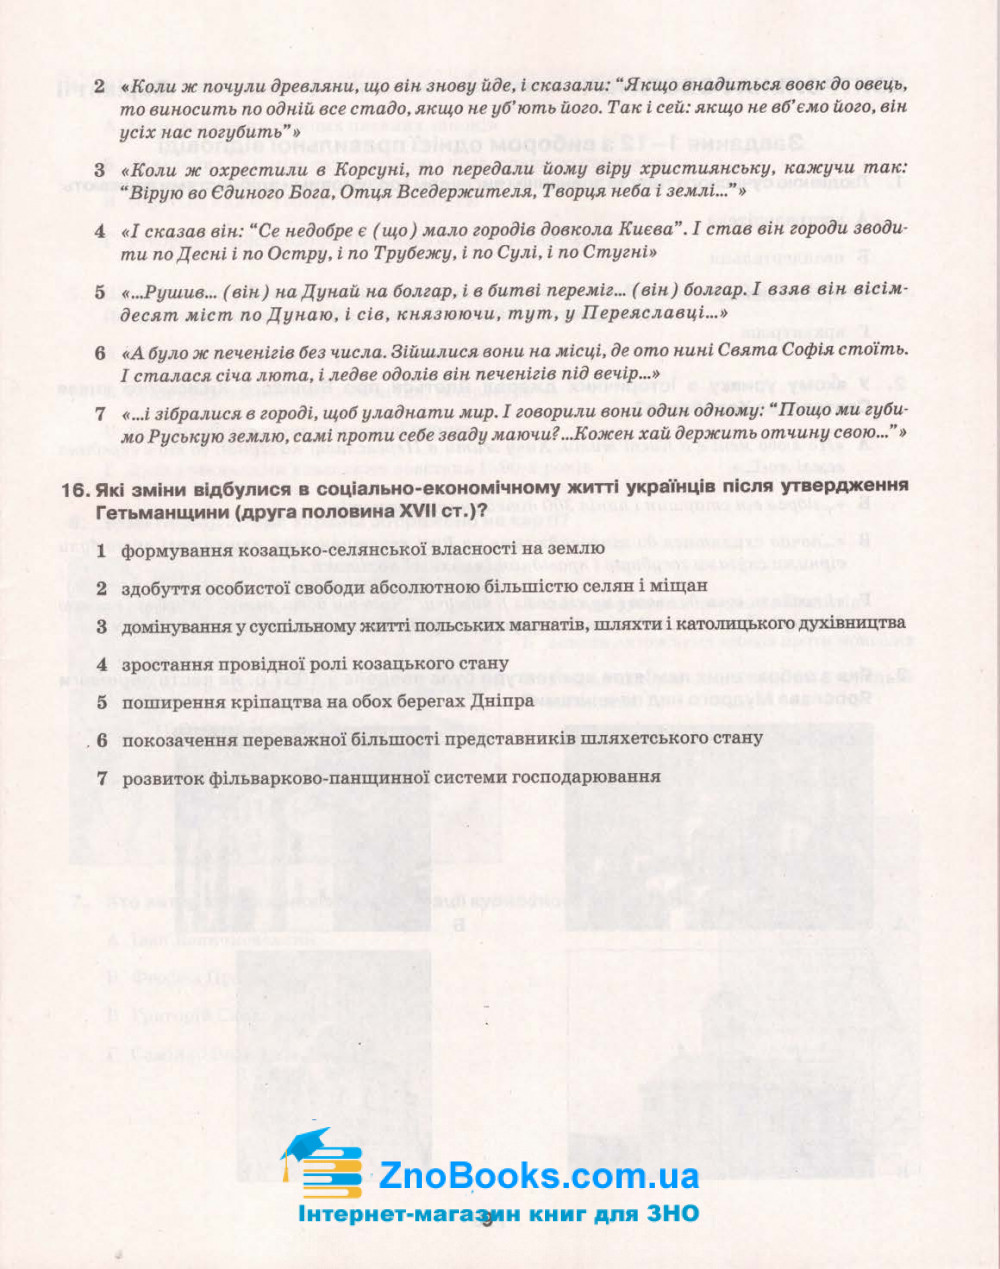 Гук О. ДПА 2021 Історія України 9 клас. Збірник завдань. Освіта купити 8